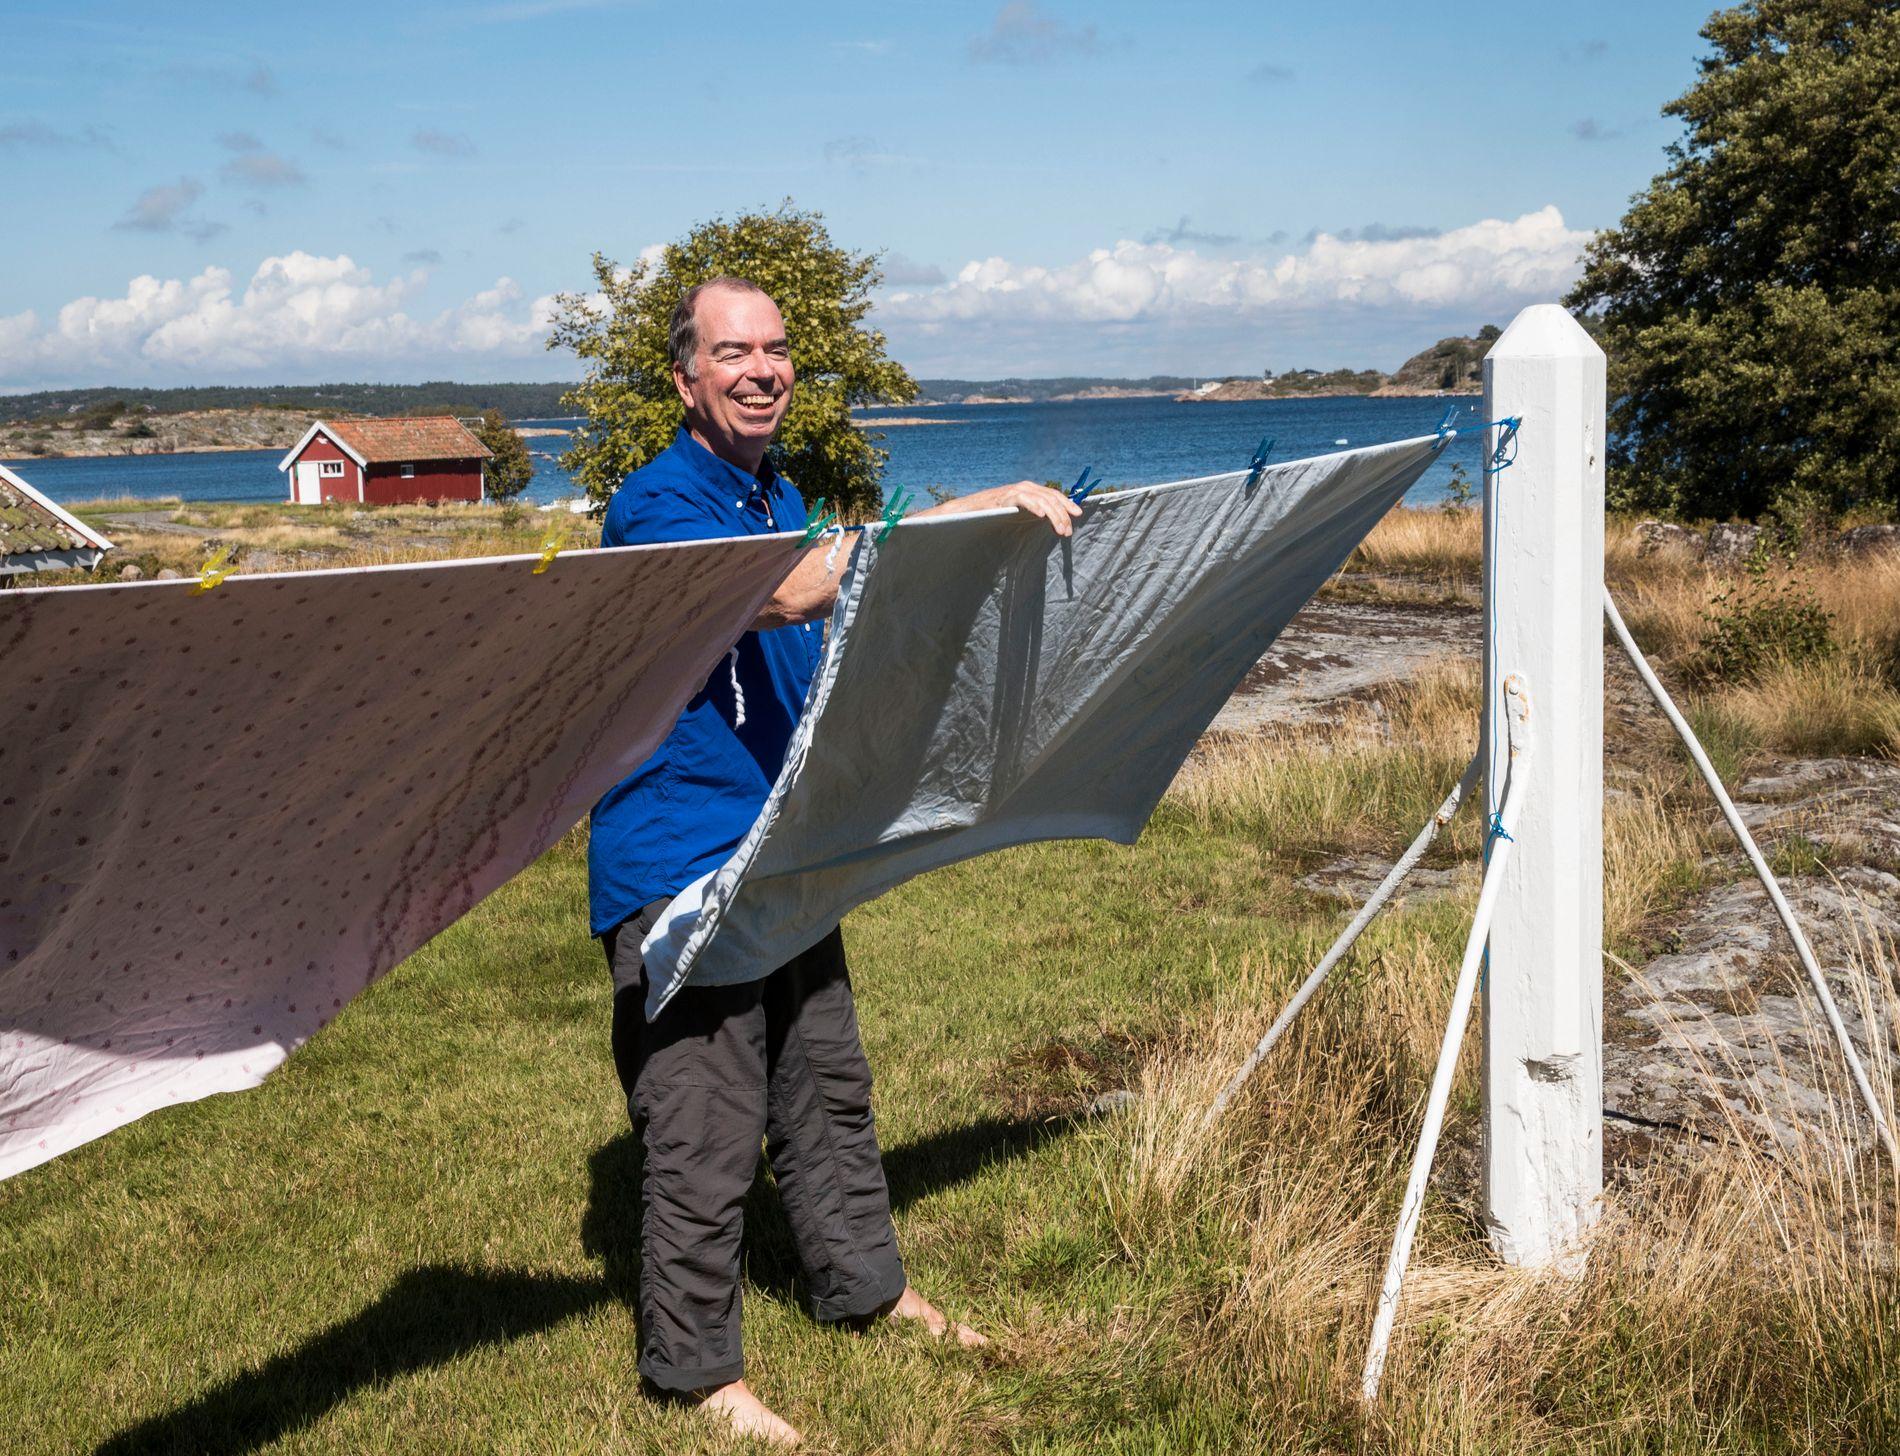 GLISER: Jan KJærstad får terningkast 6 for sin nye roman «Berge» - og han jubler litt mens han henger opp klesvasken. Han er på Herføl for å rydde og ordne opp etter familiesommer på hytta.